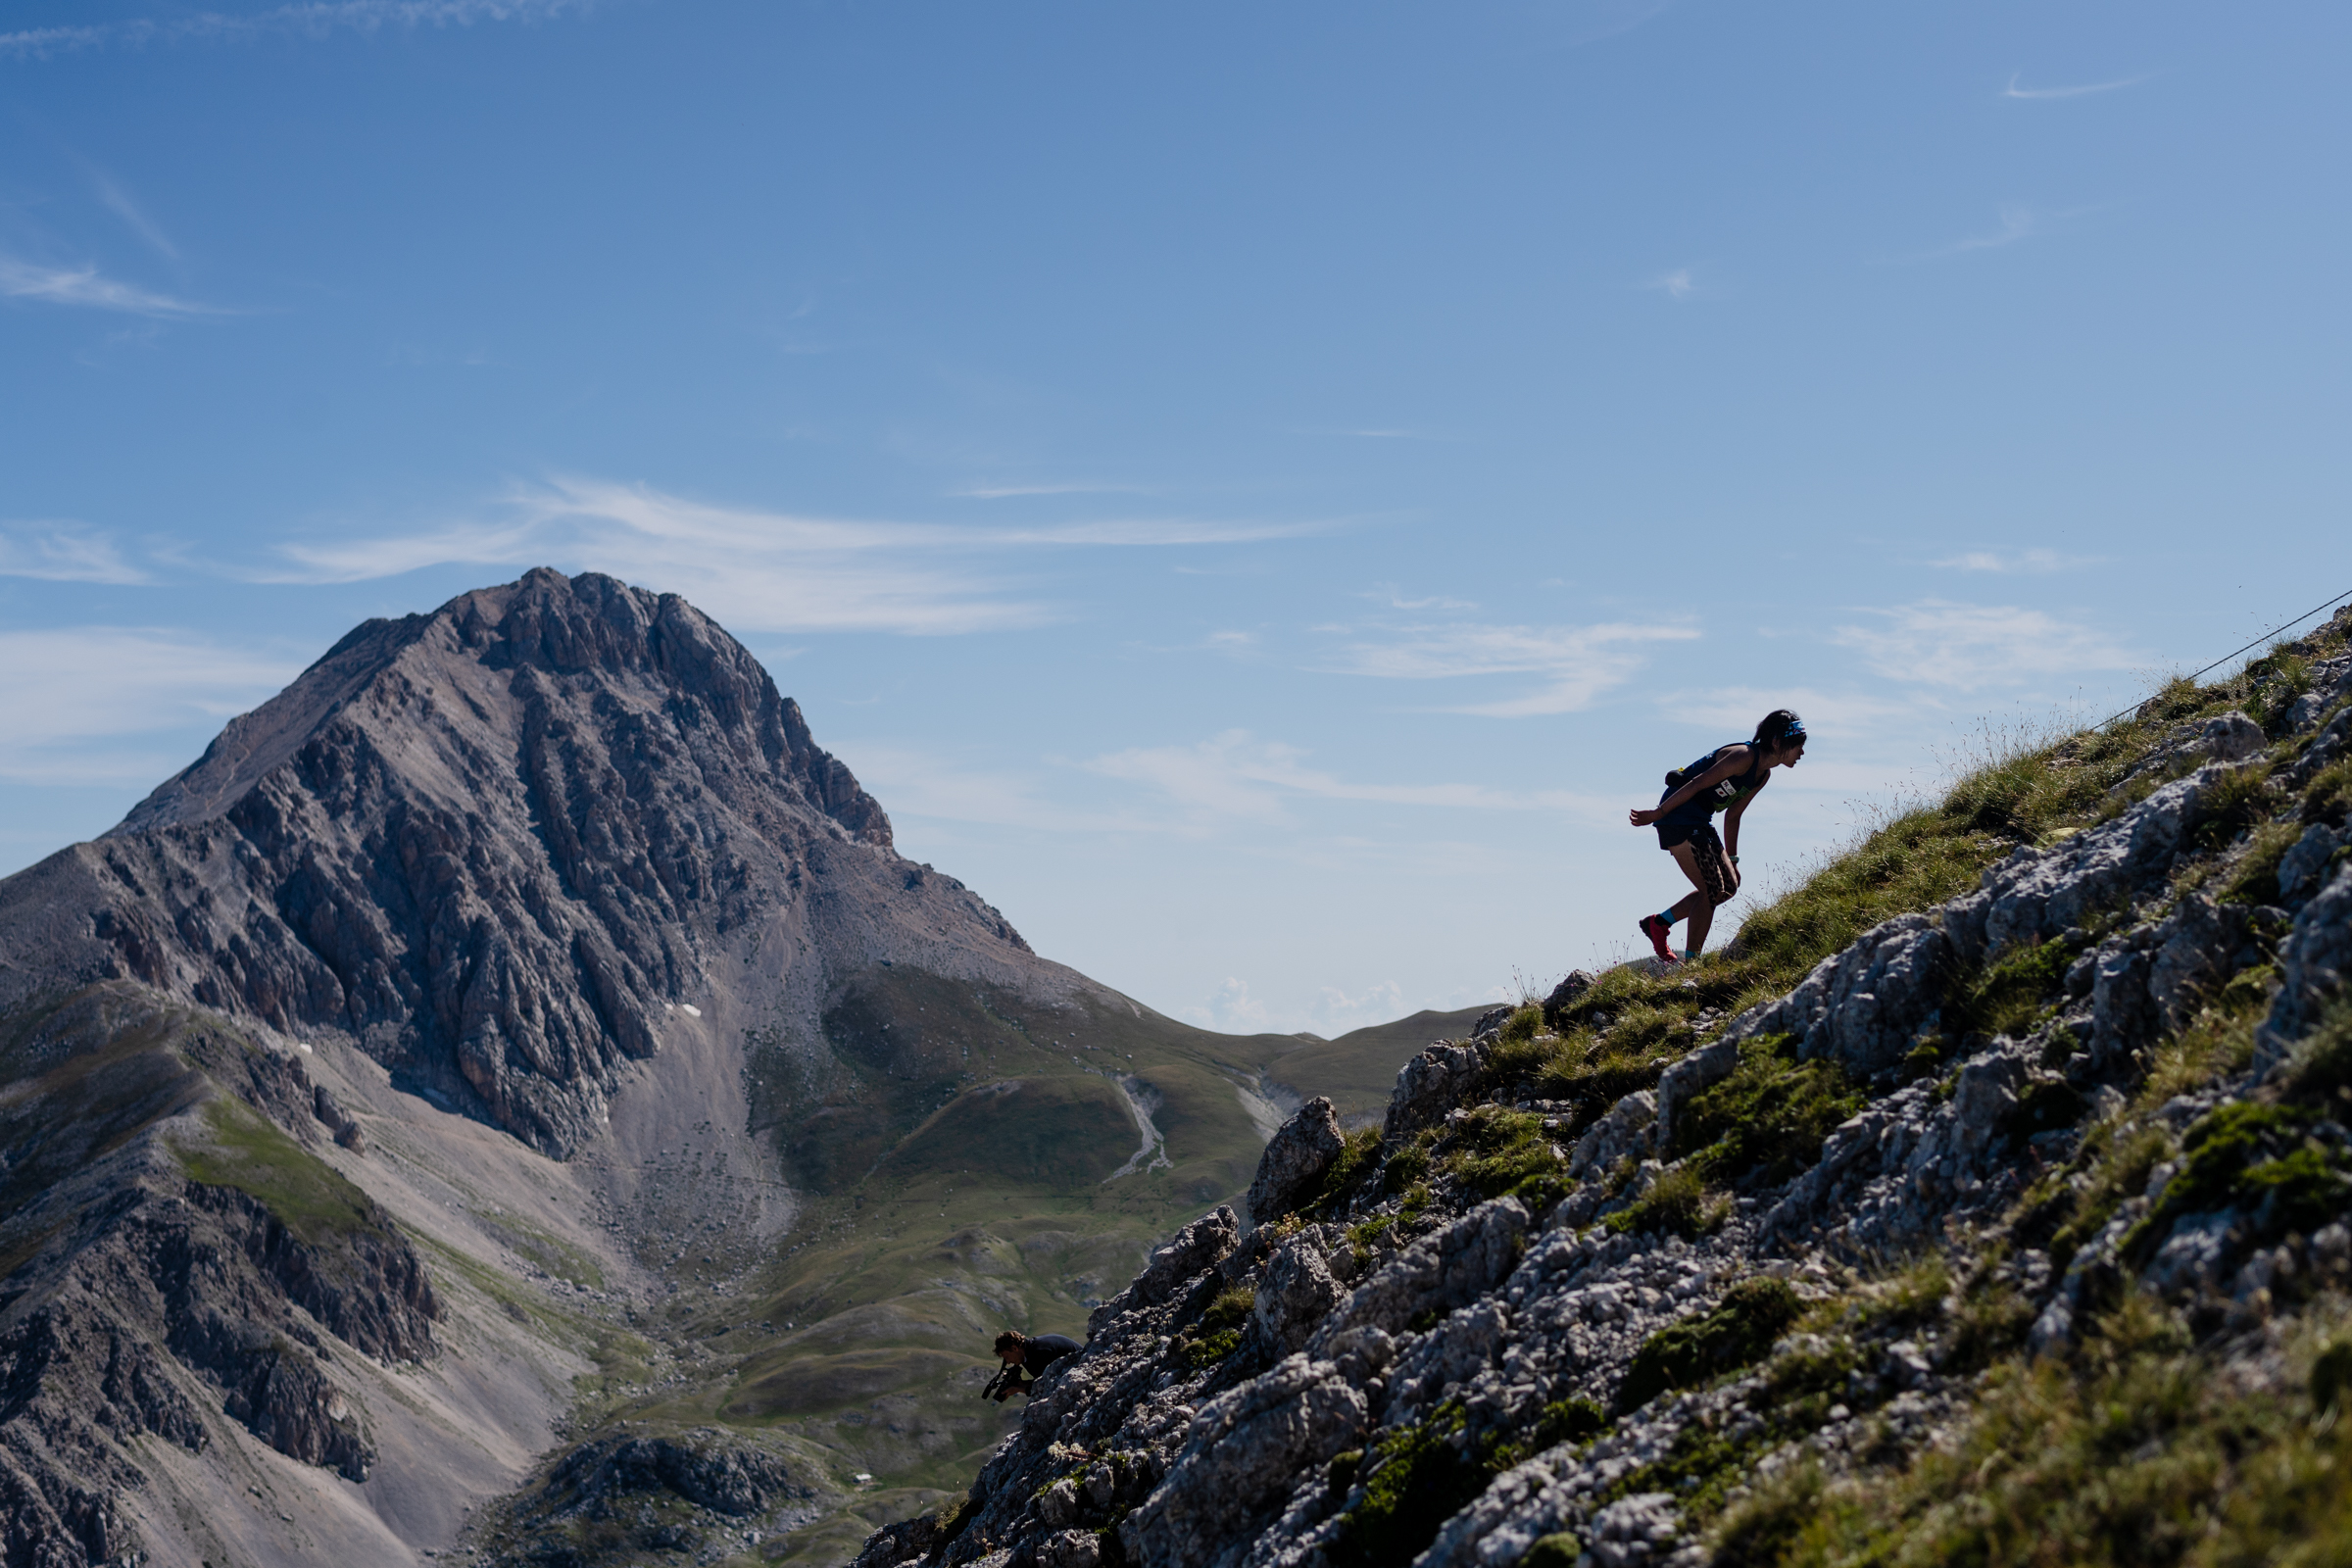 イタリア半島最高峰を背景に駆け登る。選手は安ケ平 ©Nagi Mueofushi